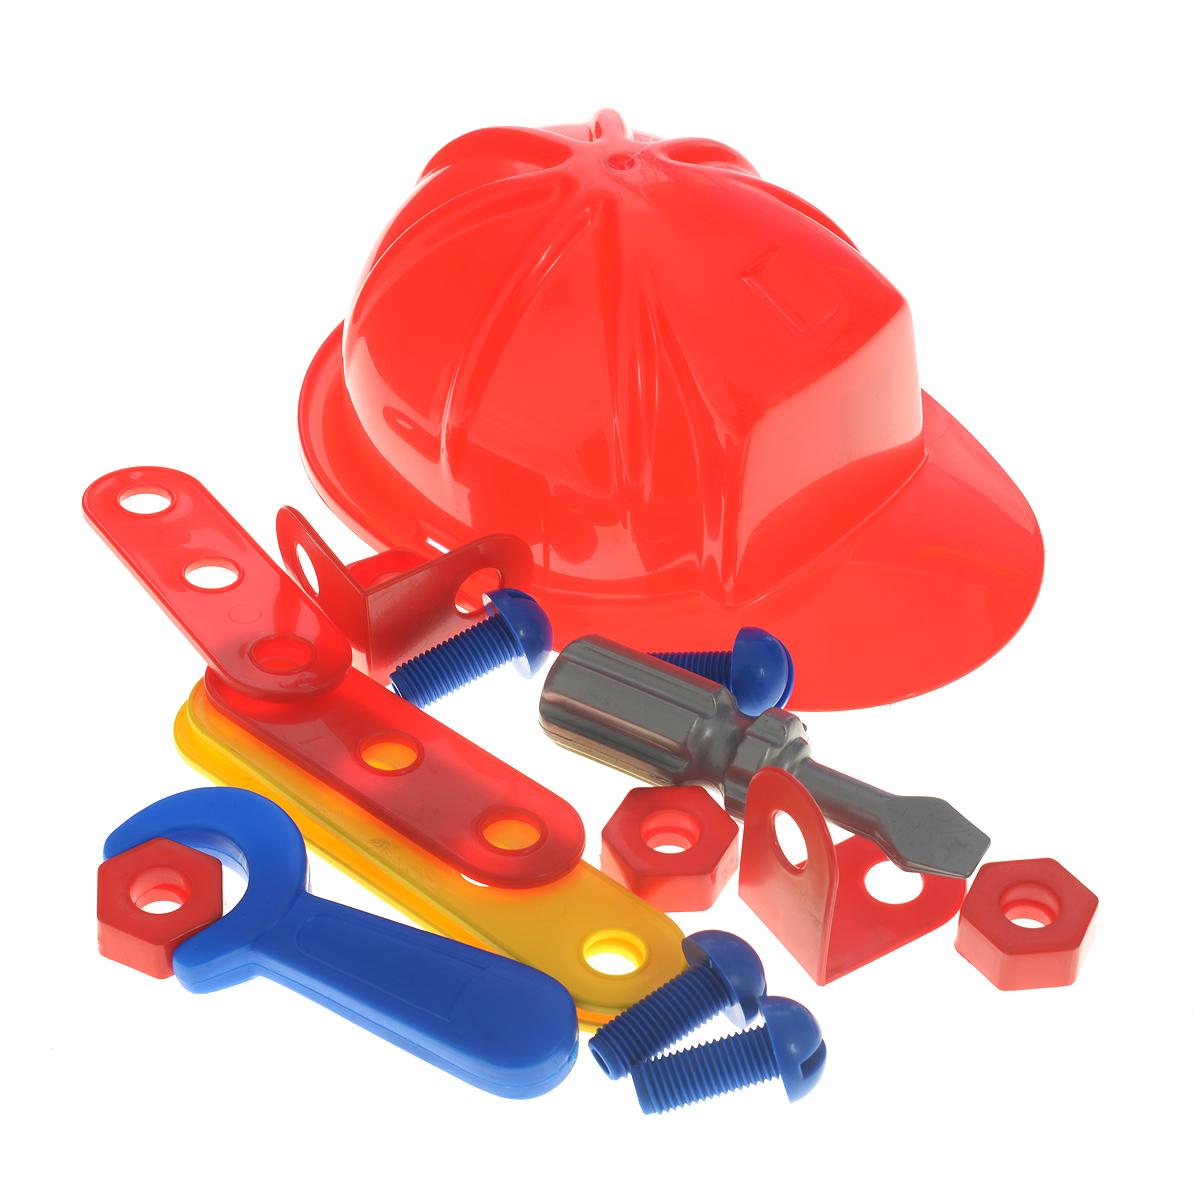 Palau Toys Игровой набор Super Work 17 предметов, Palau Hermanos, S.L.  - купить со скидкой